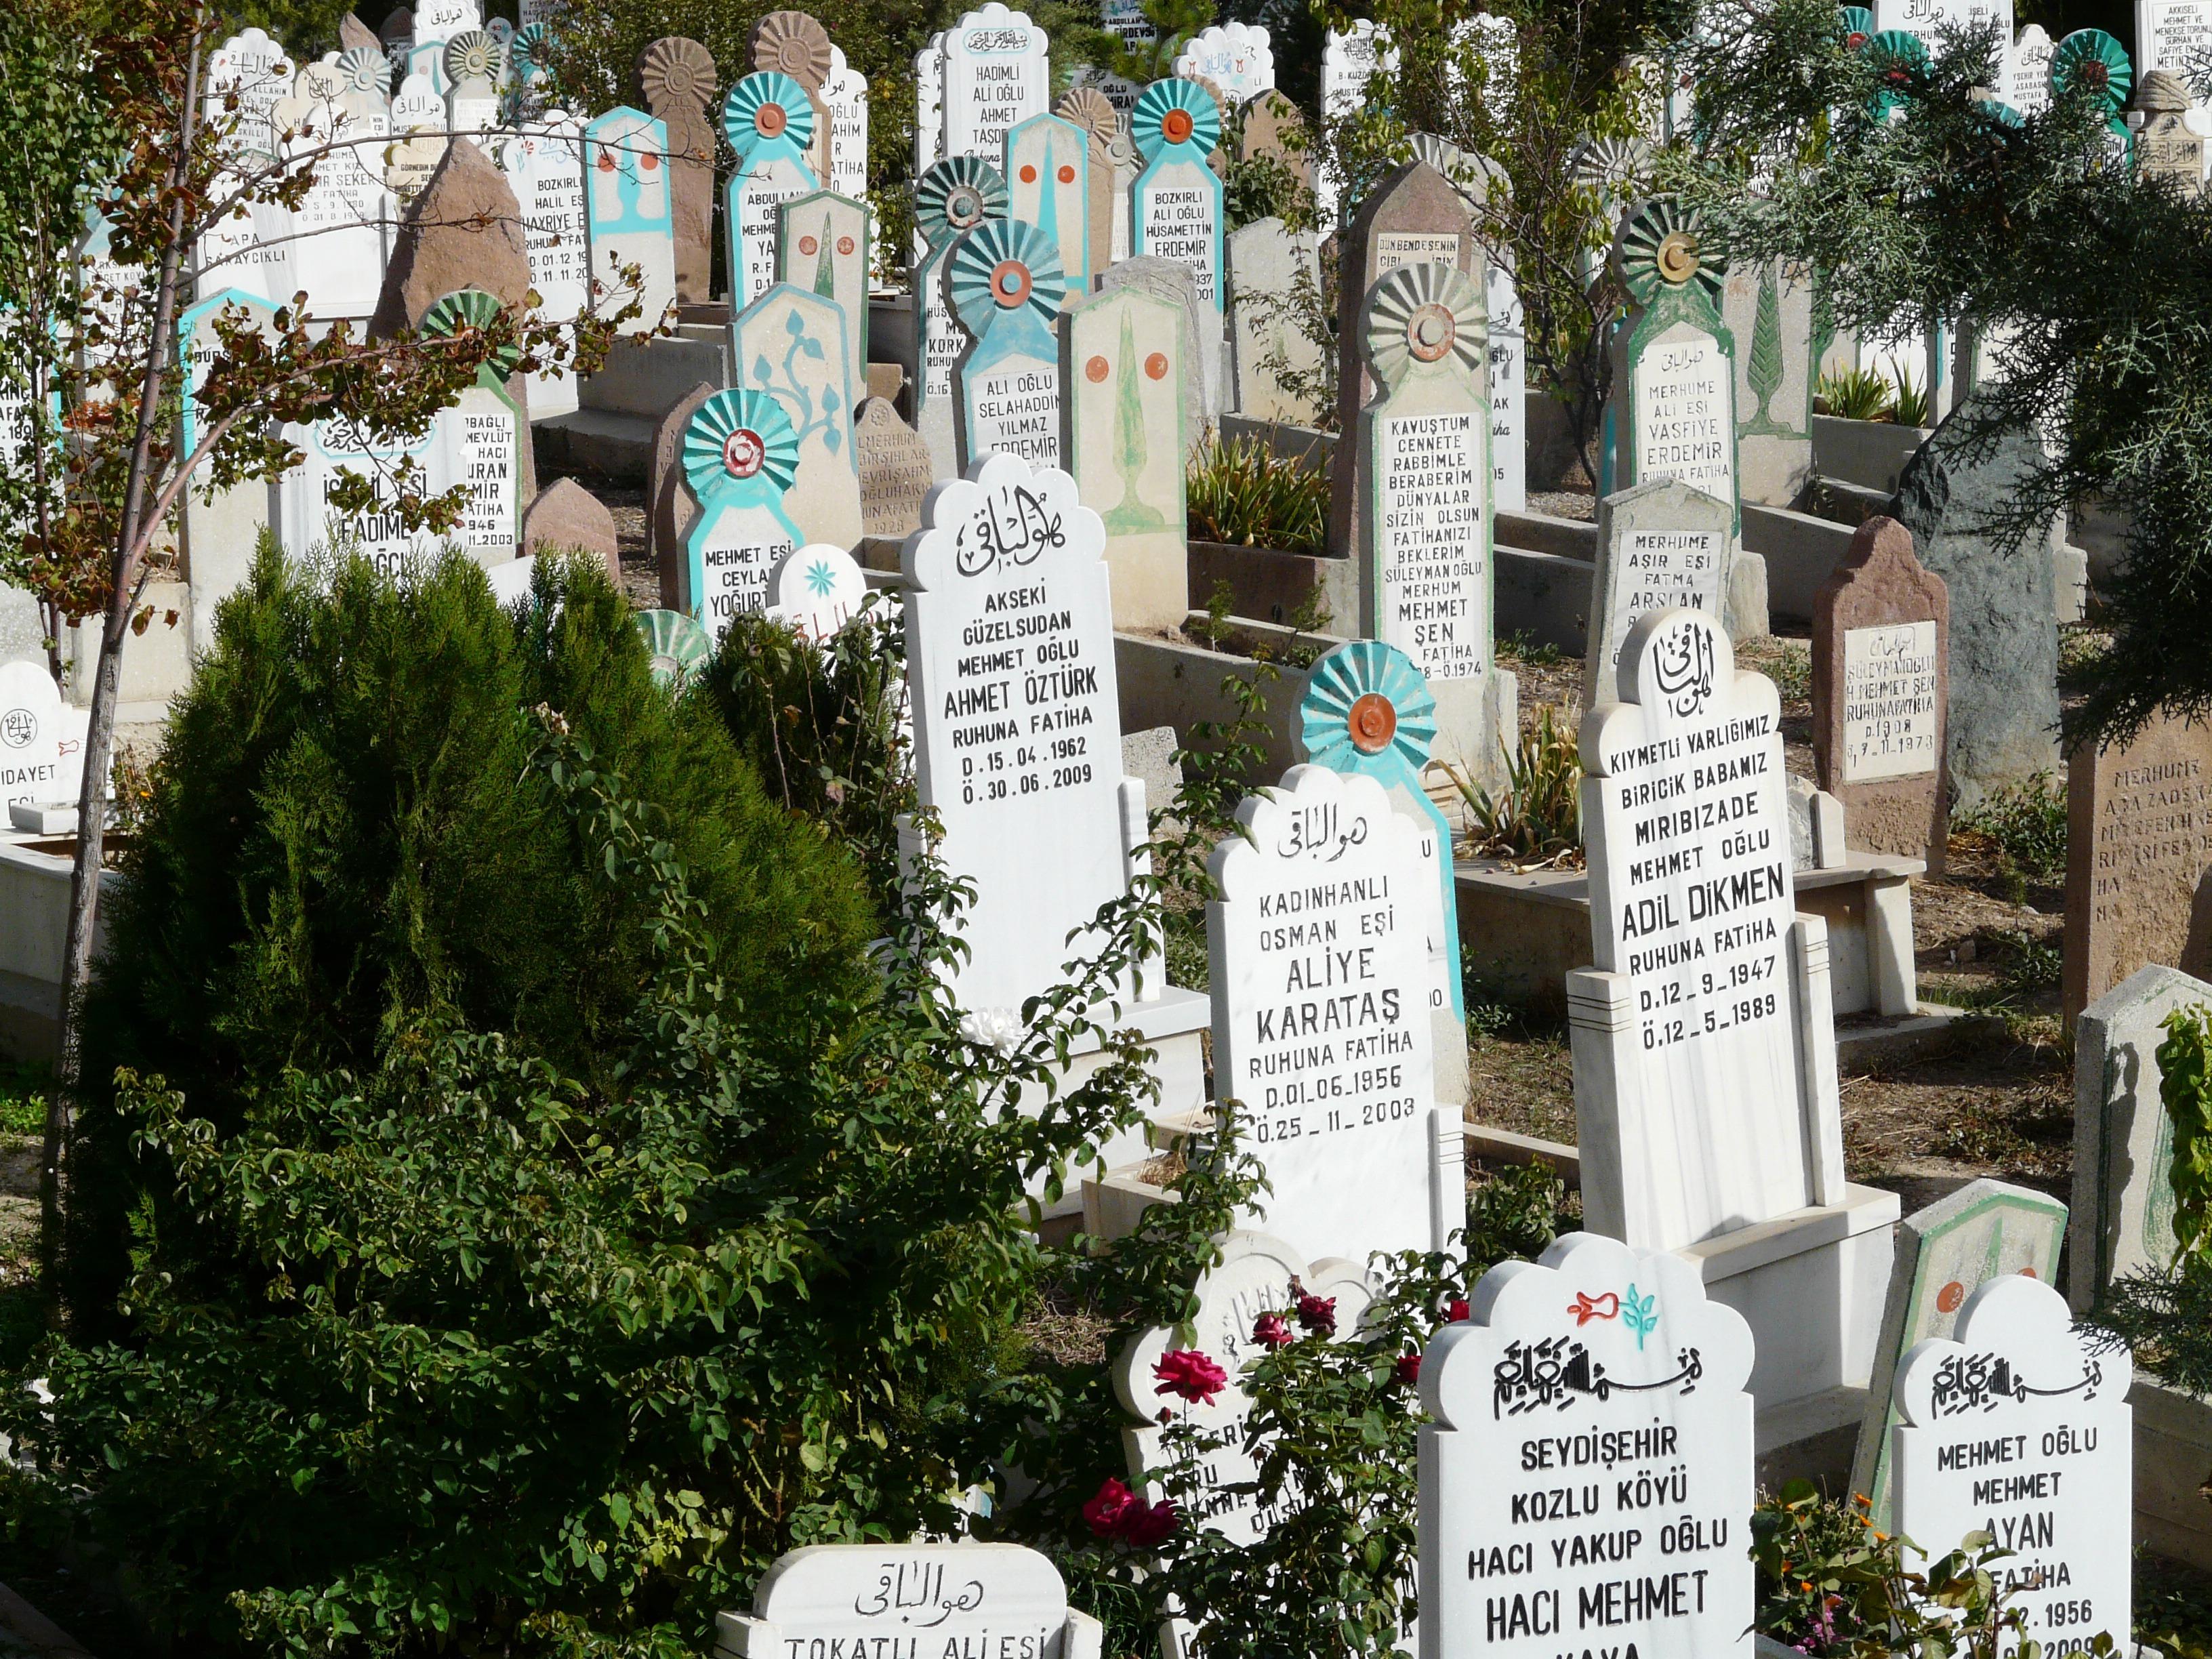 Fotos gratis cementerio jard n turismo memorial for Cementerio parque jardin del sol pilar